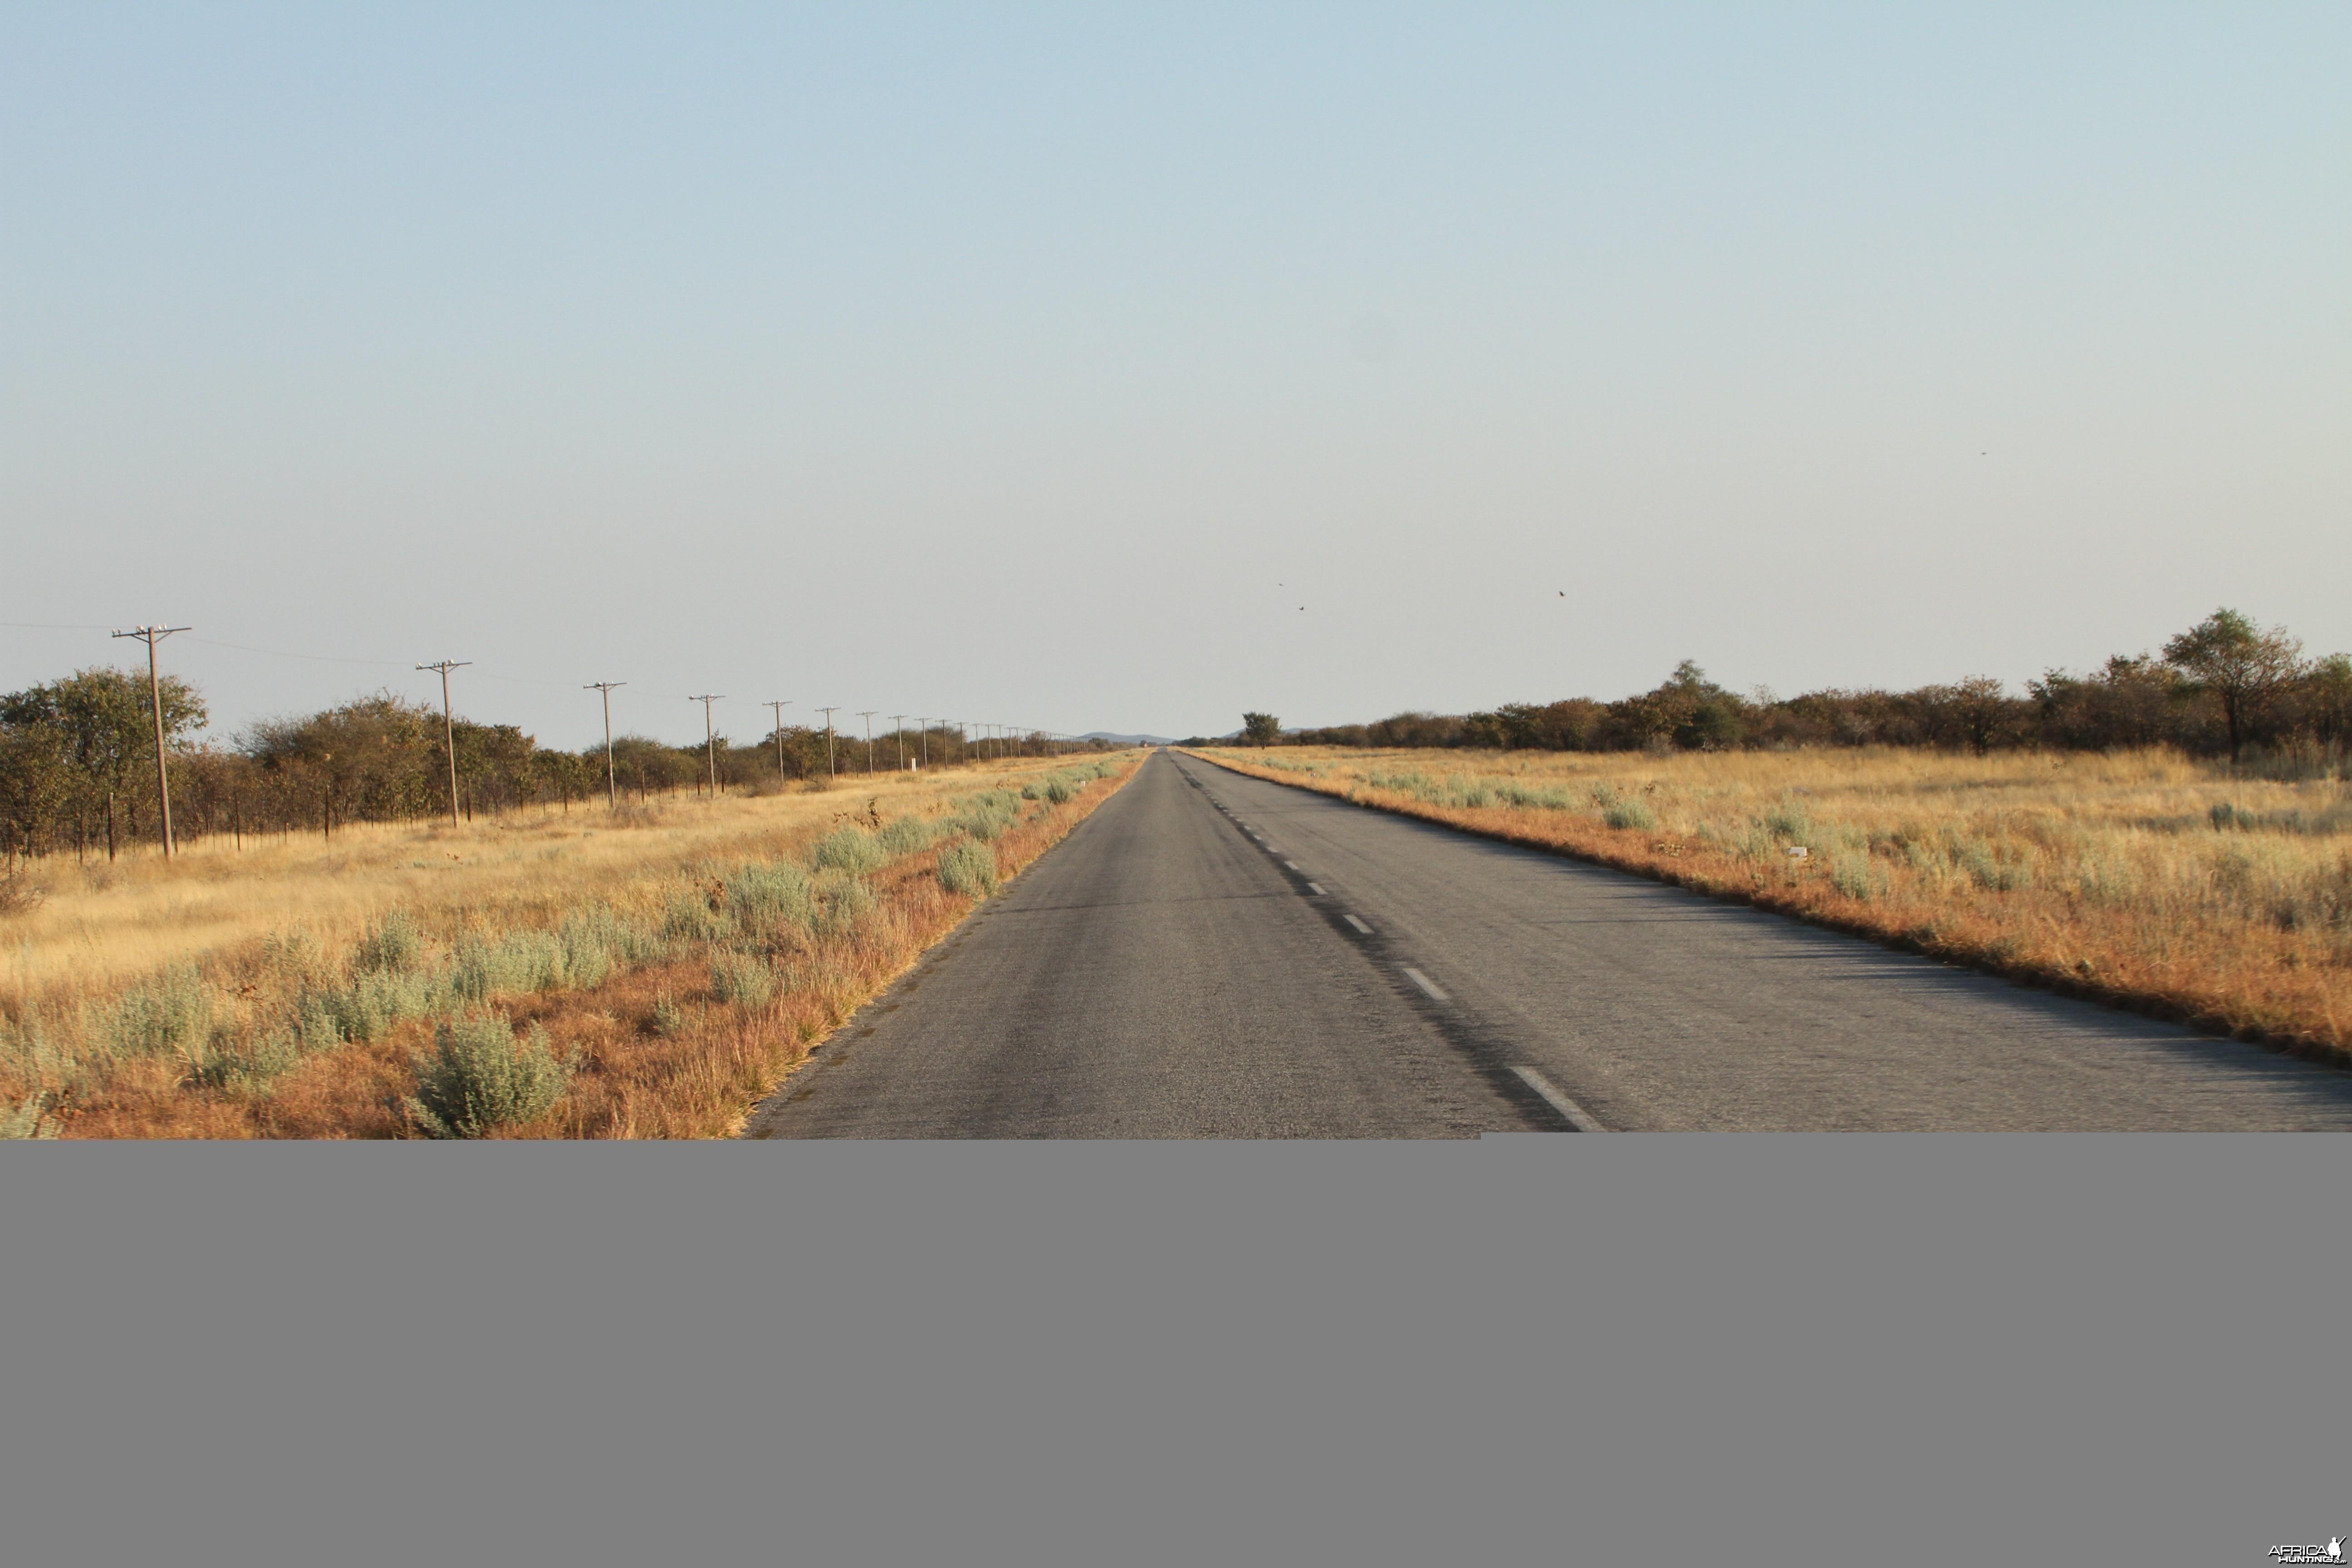 Road to Etosha National Park